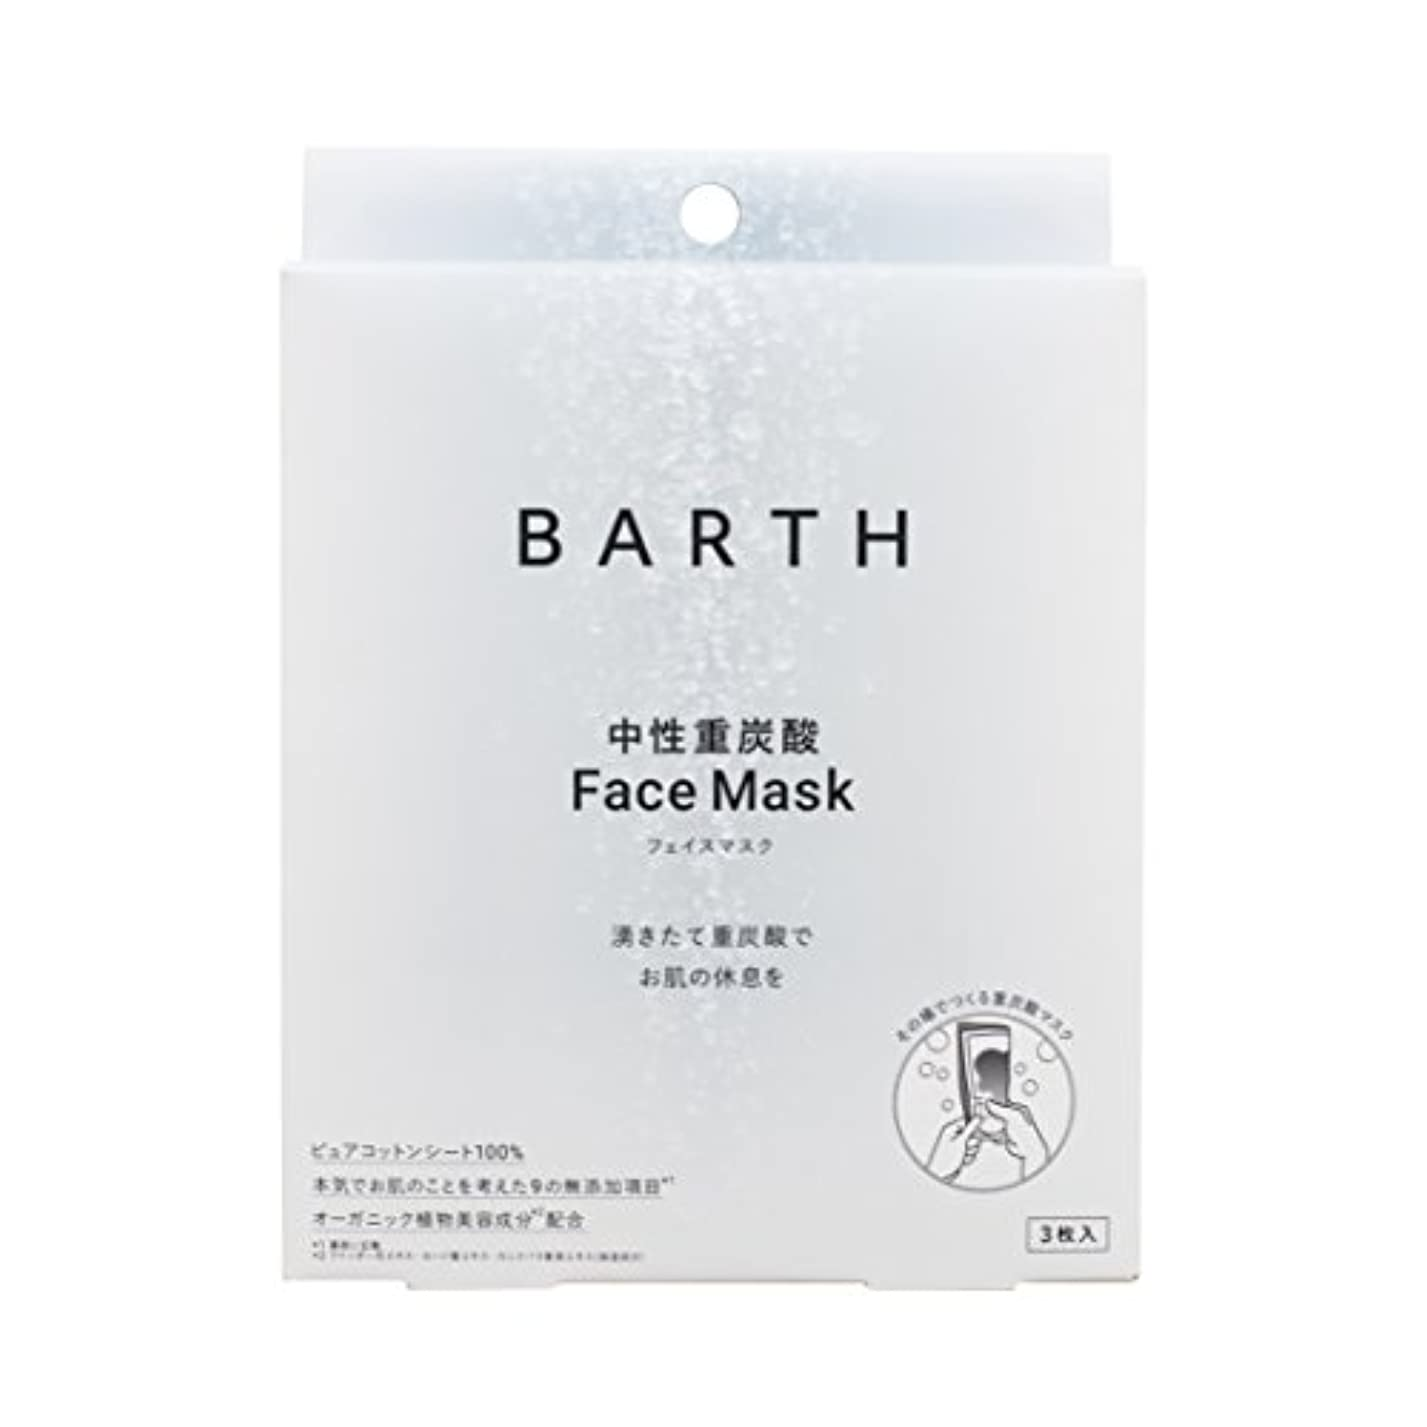 ストライククレーン木曜日BARTH【バース】 中性 重炭酸 フェイスマスク (無添加 日本製 ピュアコットン 100% オーガニック植物美容成分3種入り) (3包入り)